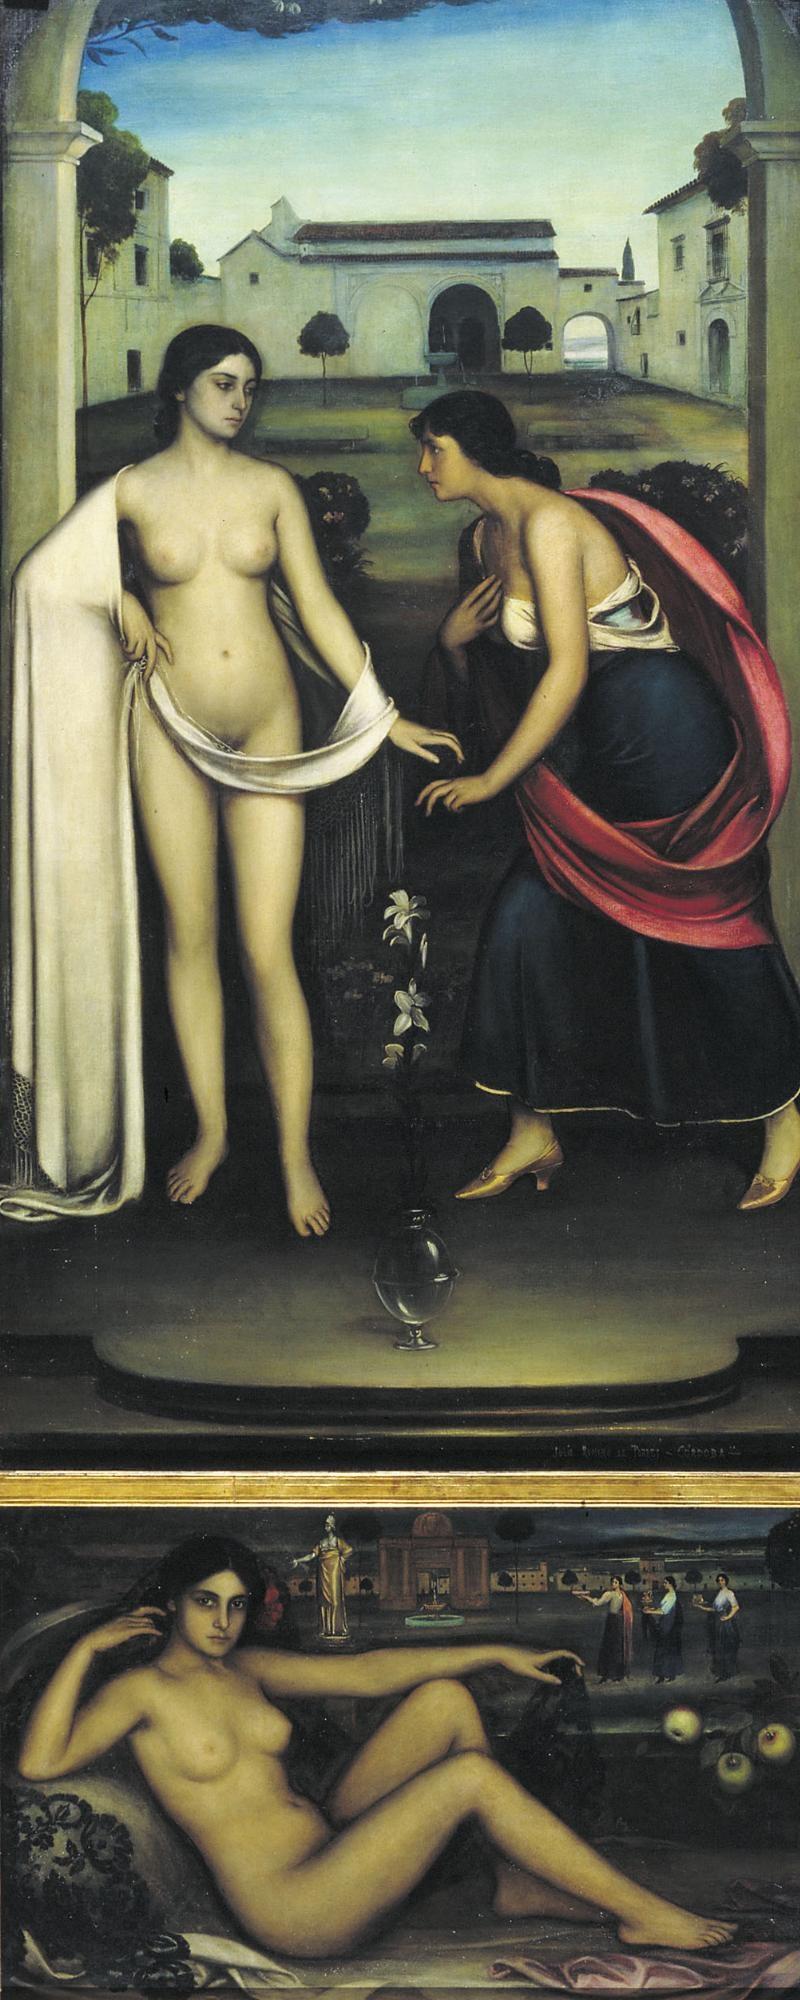 Museu Nacional d'Art de Catalunya | El retaule de l'amor